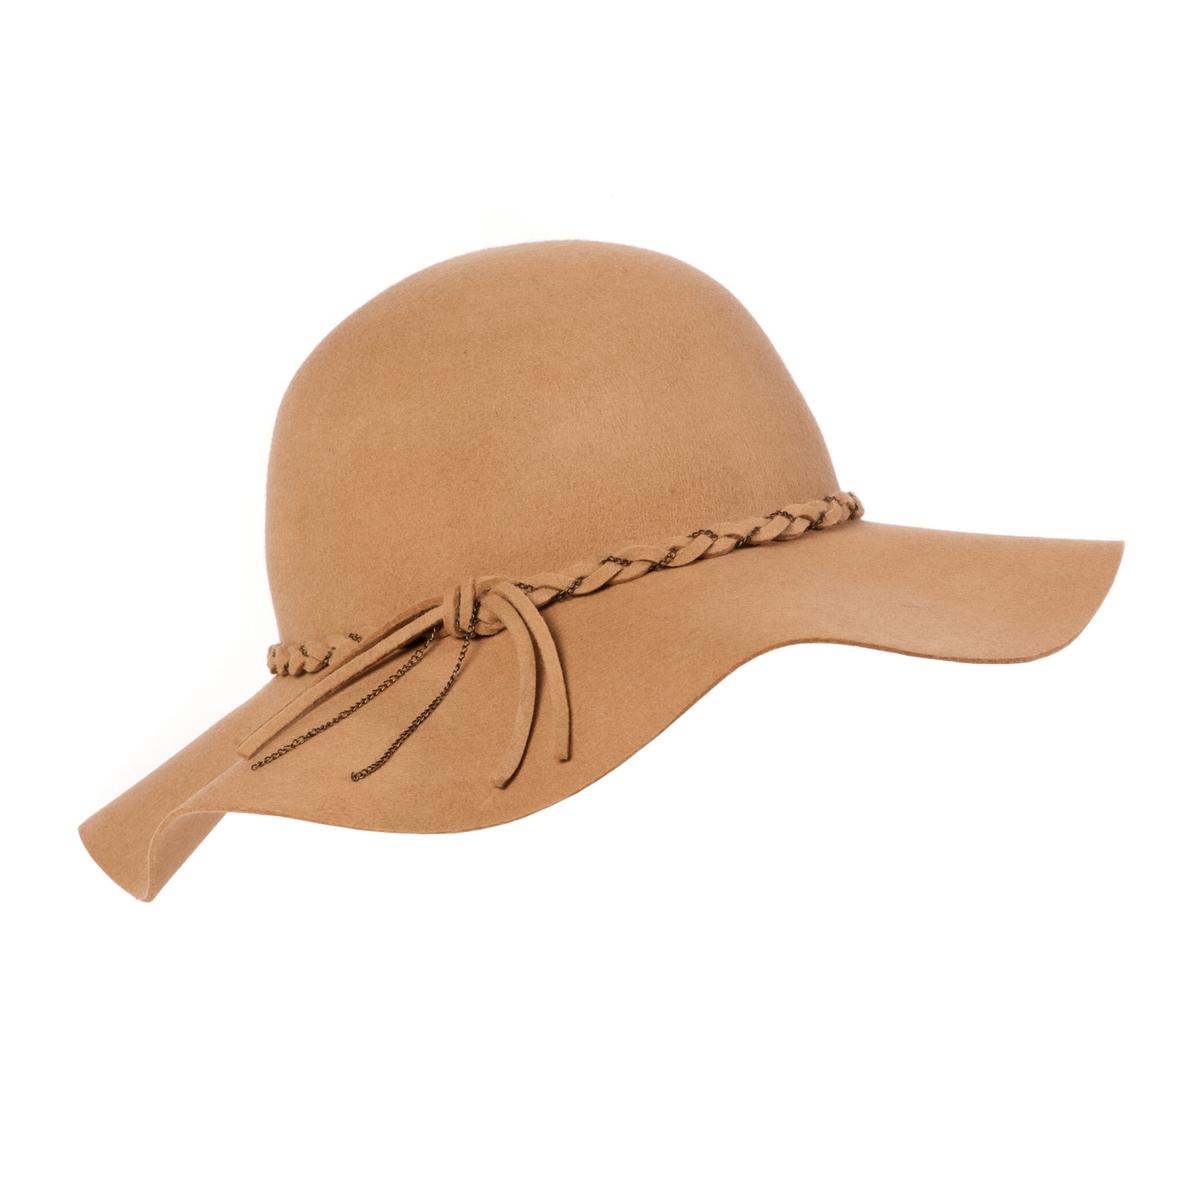 Шляпа из фетраМодная женская шляпа, которая защищает от солнца и одновременно придает стиля. Состав и описание :  •  Материал : фетр •  Марка :  Atelier R.  •  Размер : единый<br><br>Цвет: темно-бежевый,черный<br>Размер: единый размер